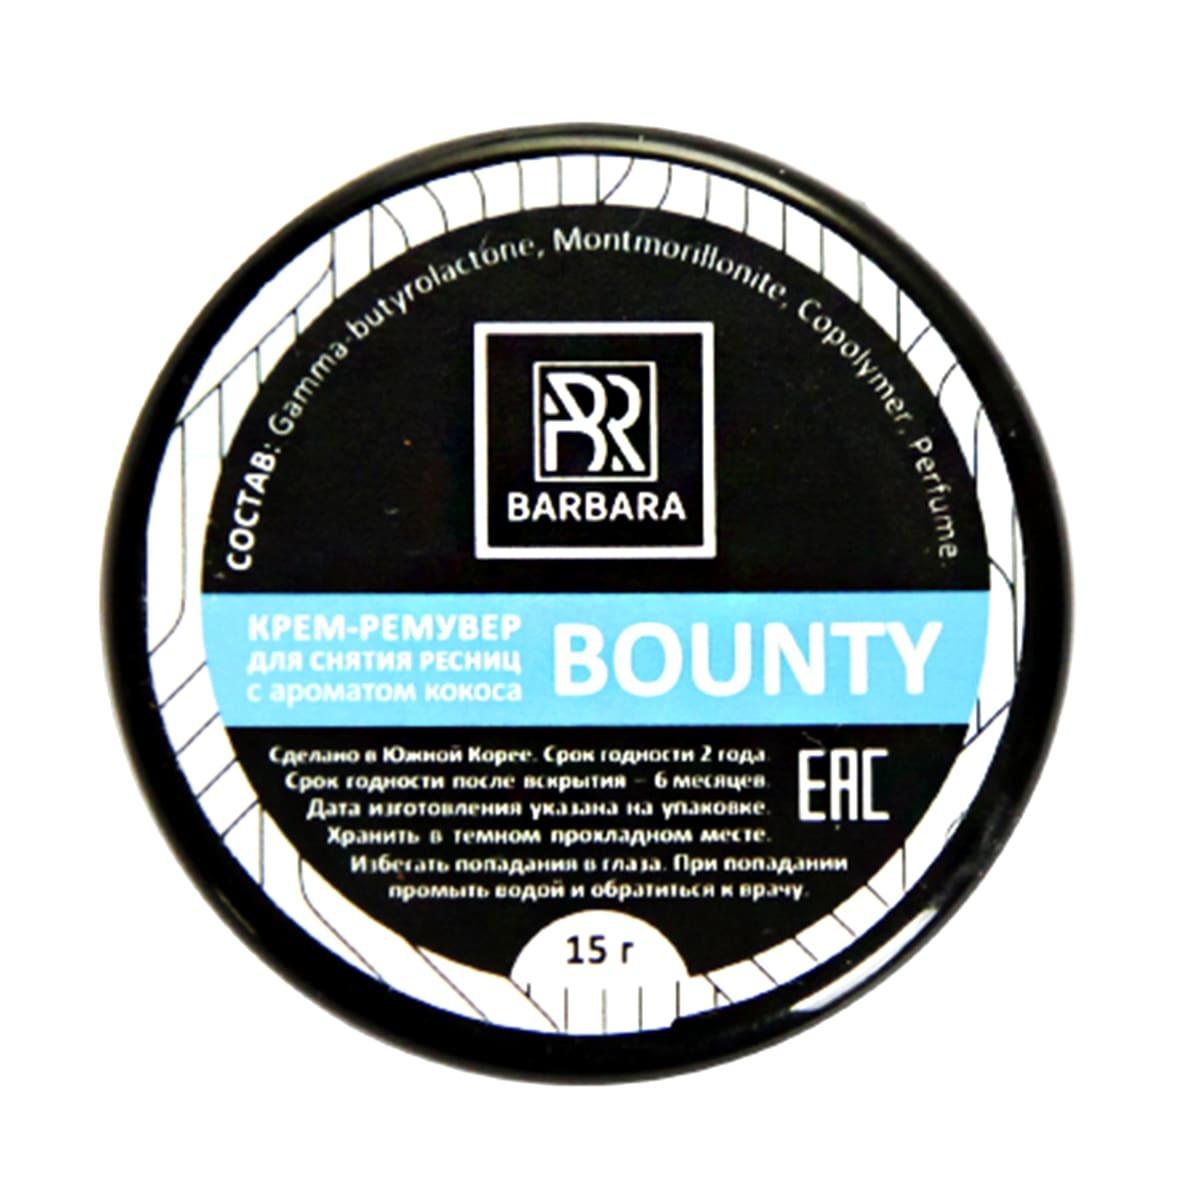 Ремувер кремовый для ресниц BARBARA 15 г Bounty